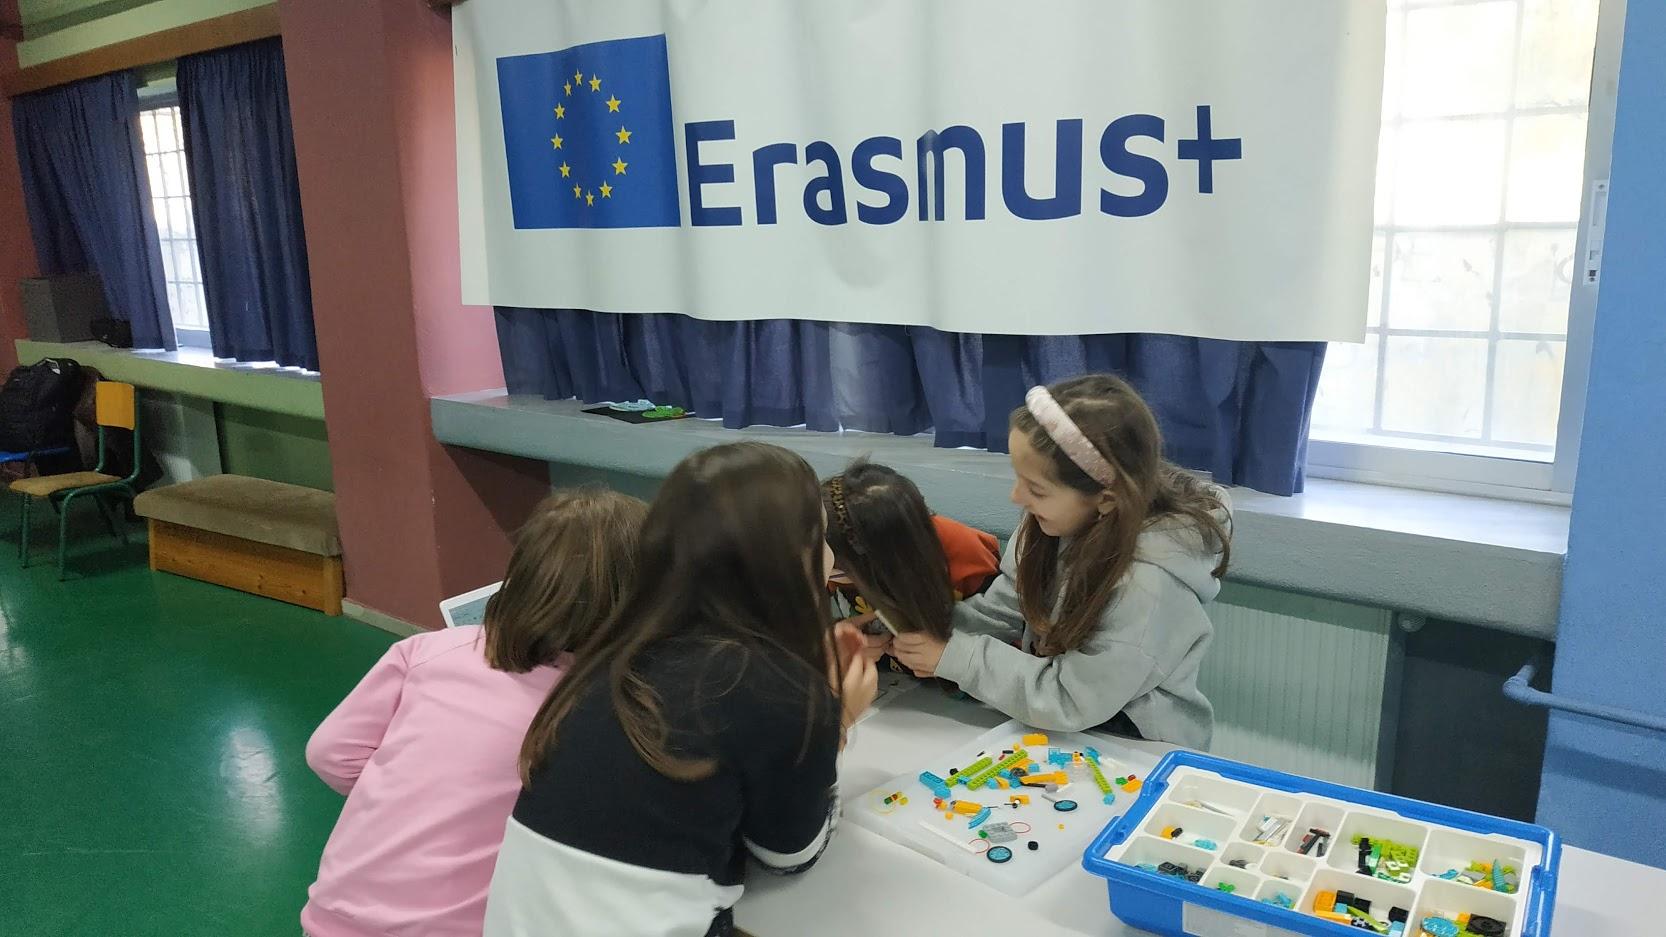 Συμμετοχή της Ακαδημίας Ρομποτικής FutureLab σε Ευρωπαϊκό πρόγραμμα Erasmus+